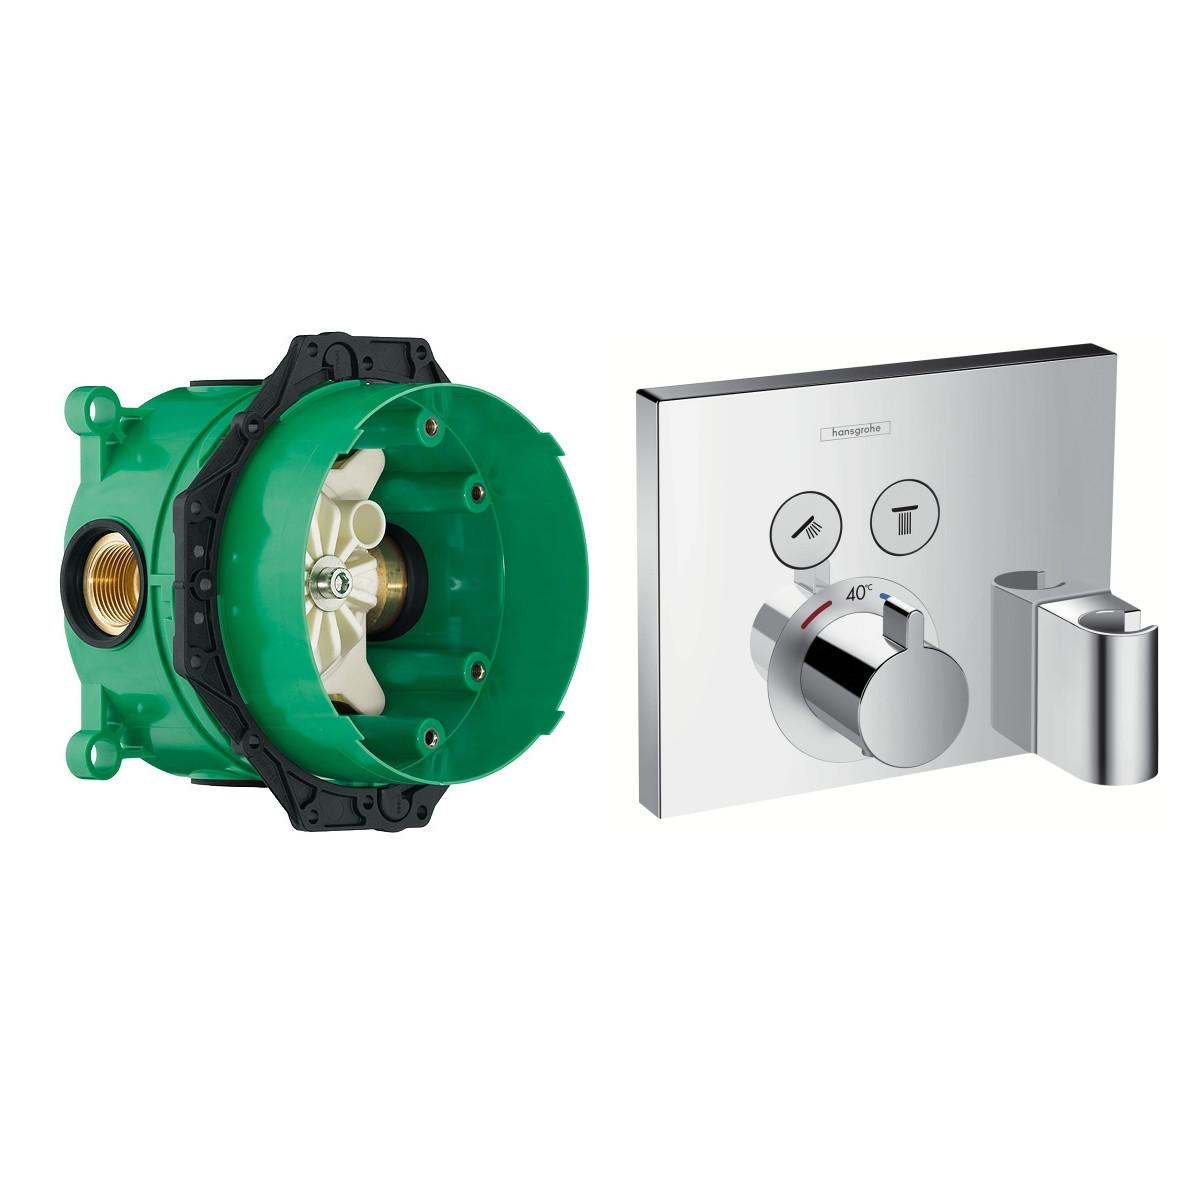 SHOWER Select термостат для 2х потребителей, СМ + IBOX universal скрытая часть для смесителя (в подарок)